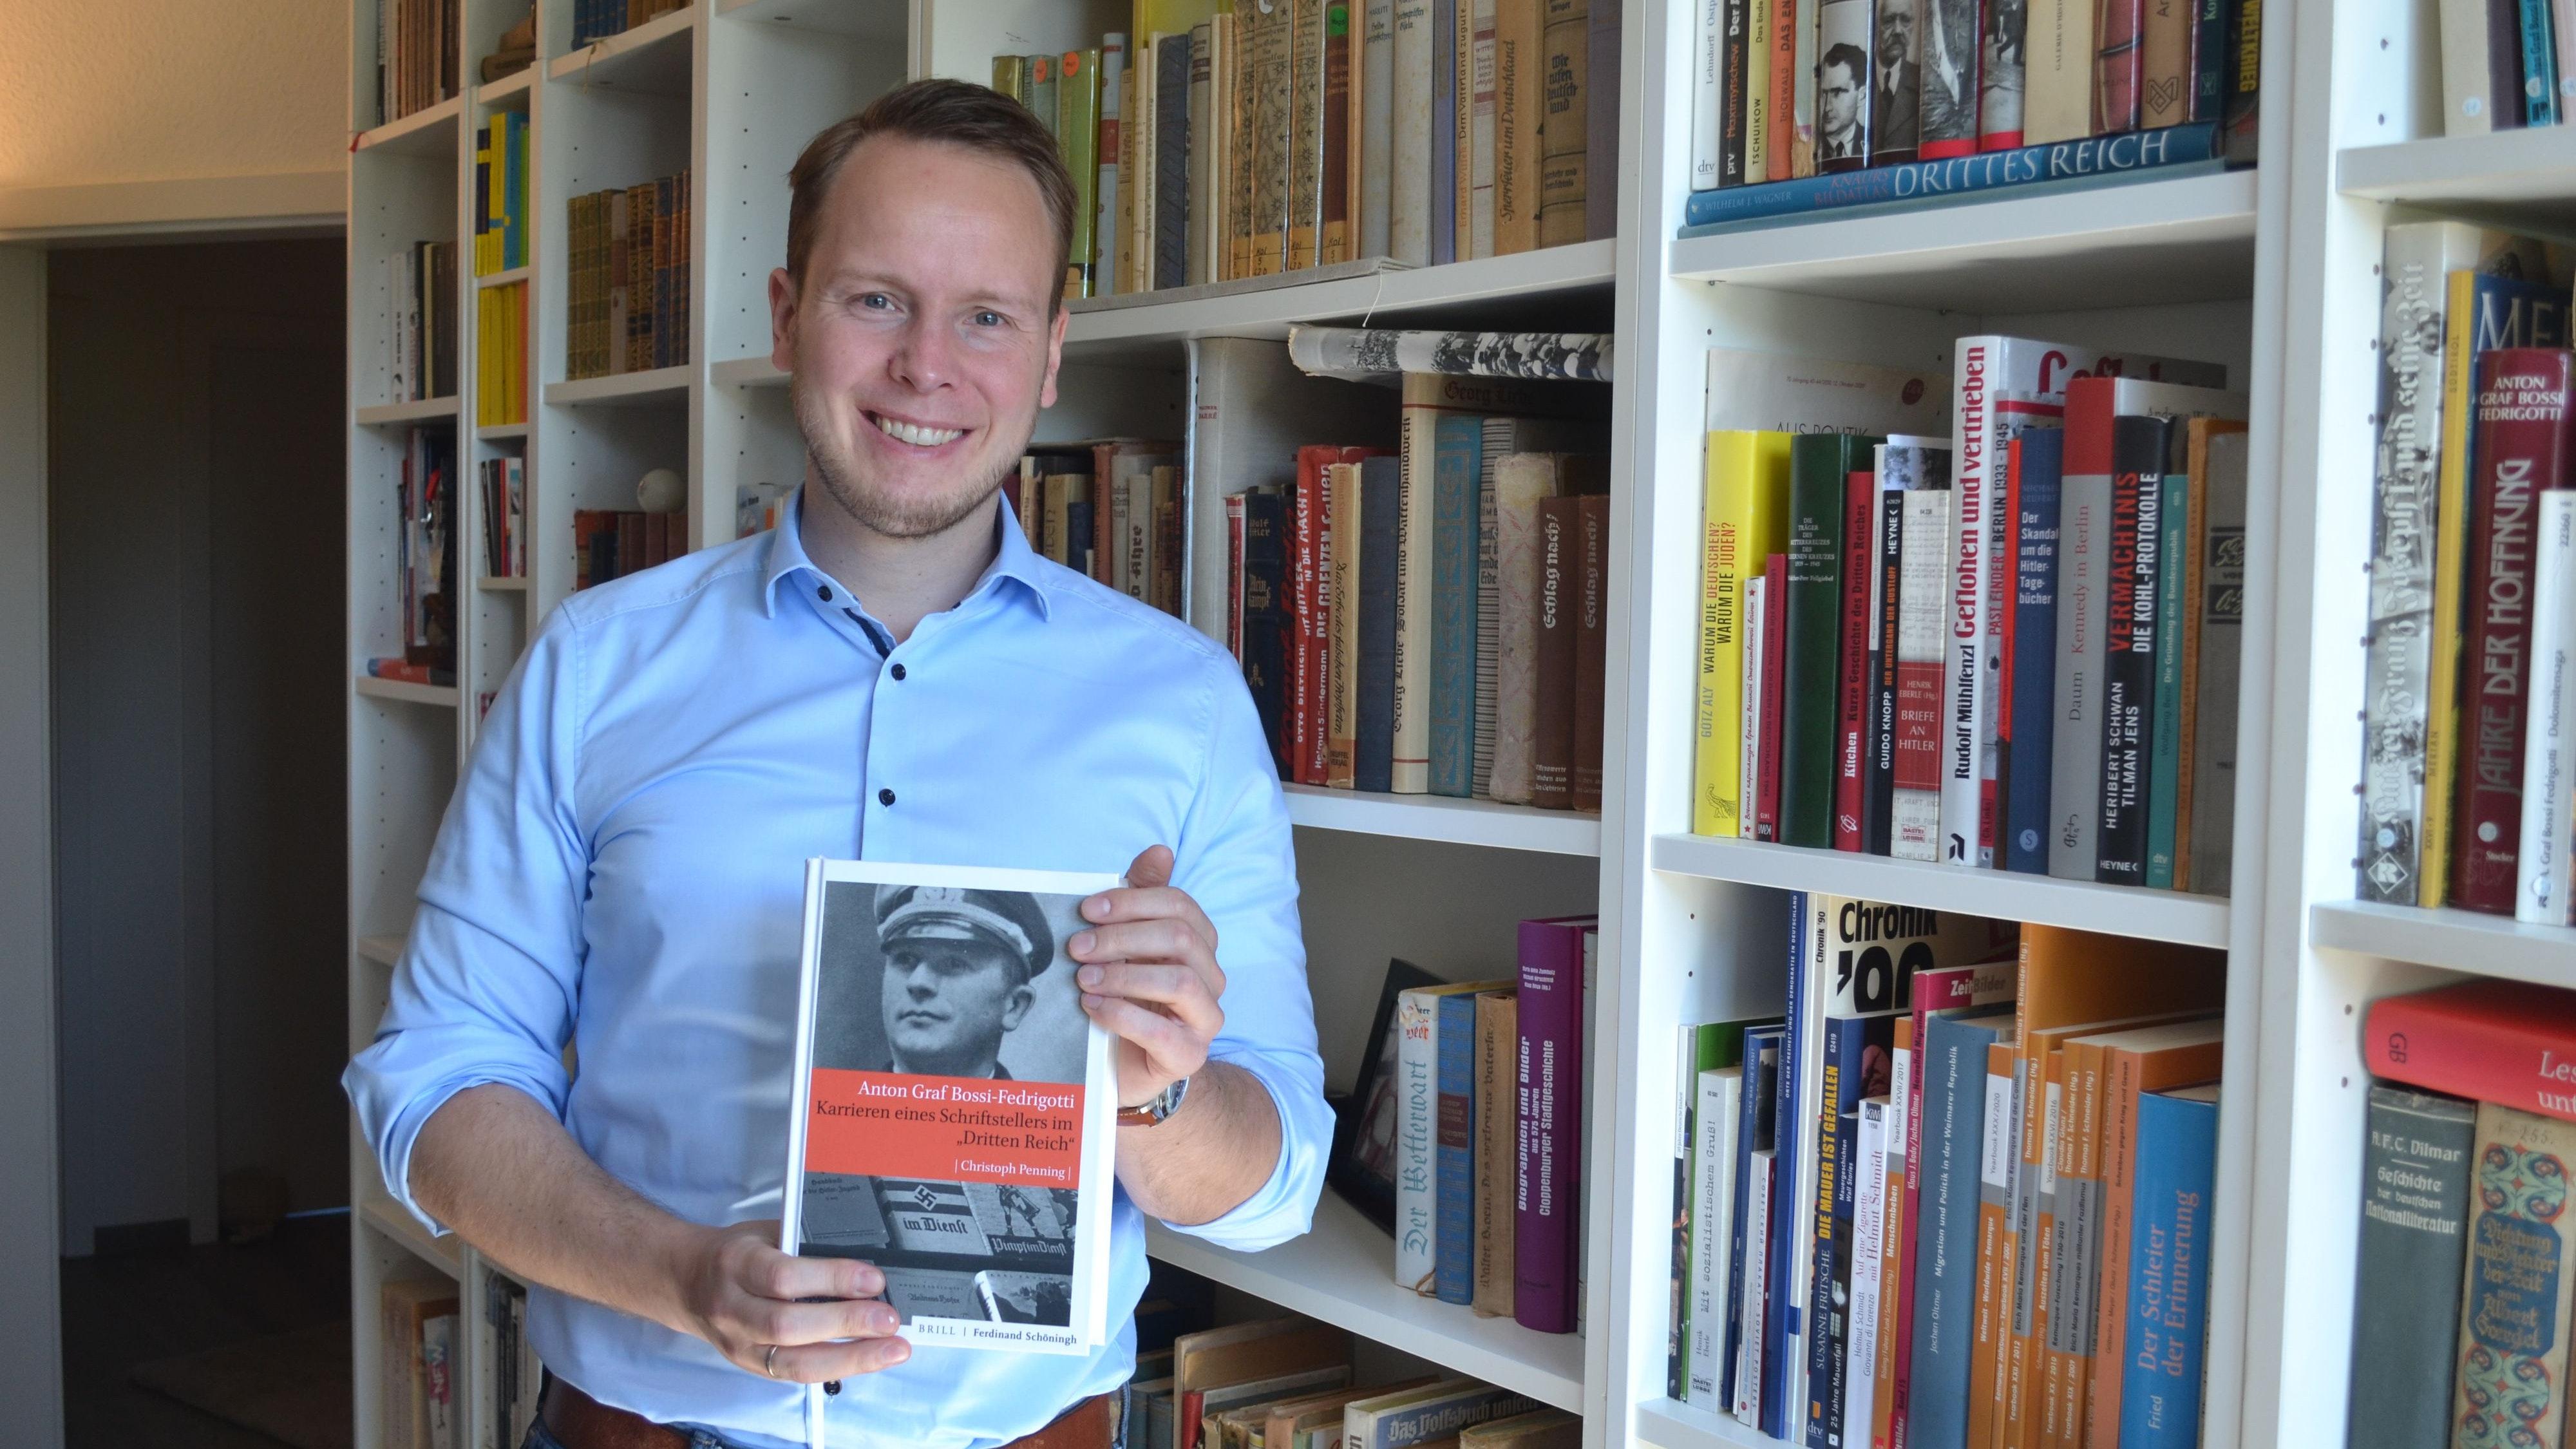 Stolz auf das Ergebnis: Christoph Penning präsentiert seine als Buch erschienene Doktorarbeit. Foto: Schrimper